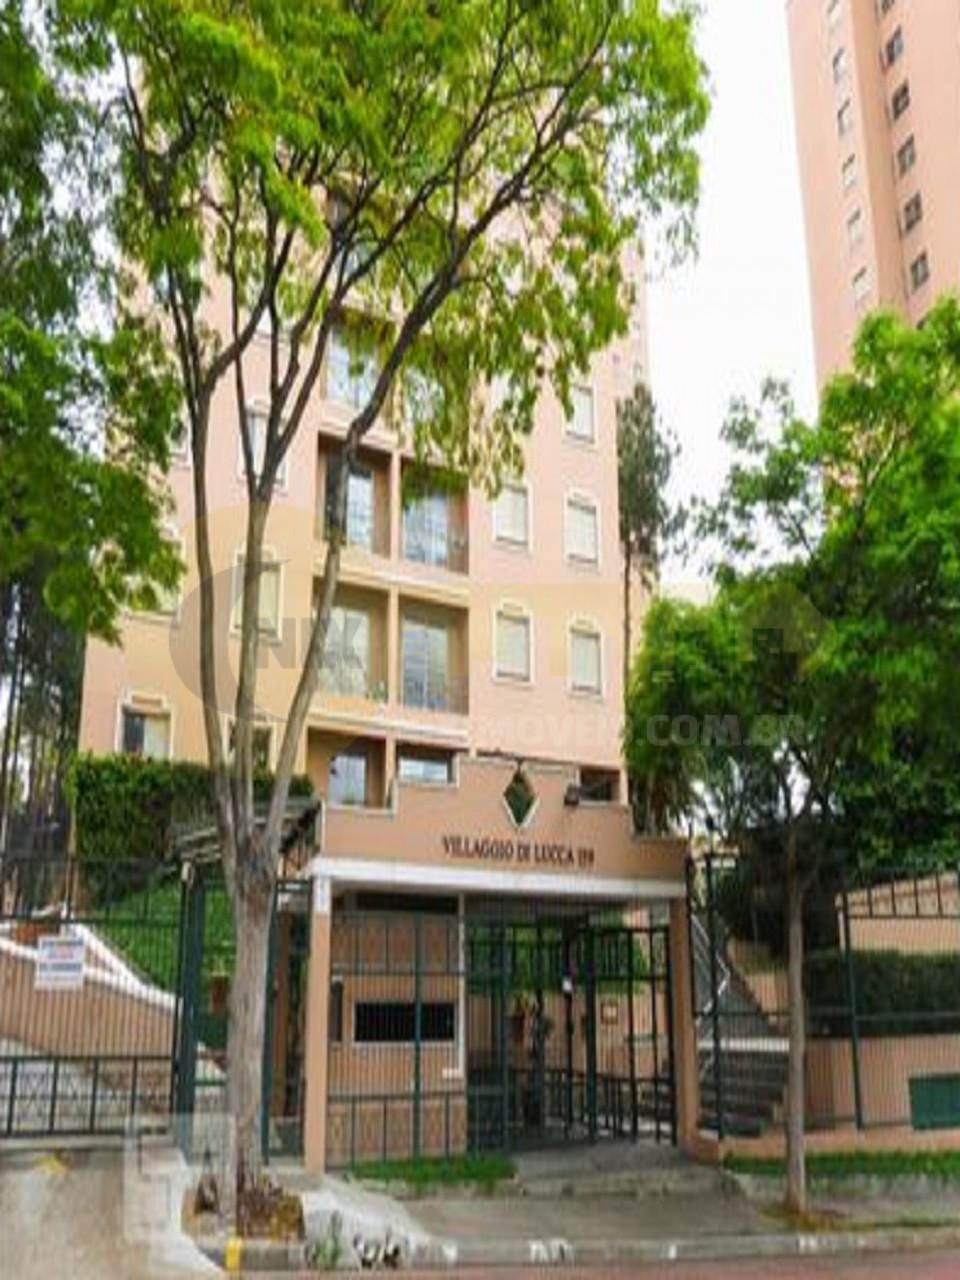 Aluga apartamento semi mobiliado colado na USP portão 3 Faculdade Medicina Hospital Universitário. 3 dorms, varanda, andar alto. Condomínio clube completo!